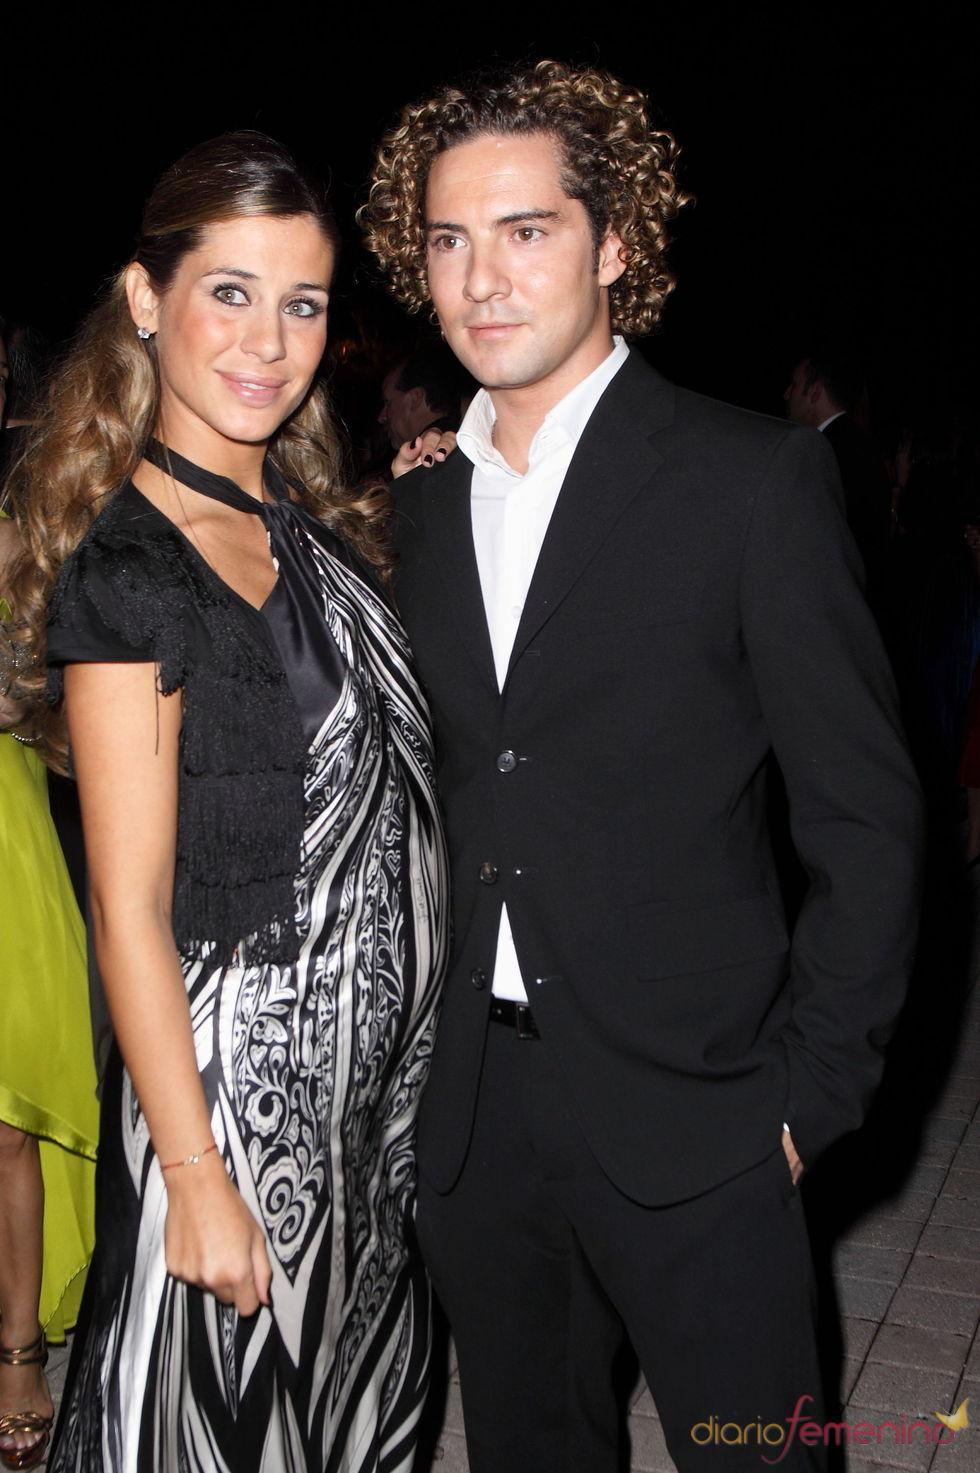 David Bisbal y Elena Tablada en una imagen de noviembre de 2009